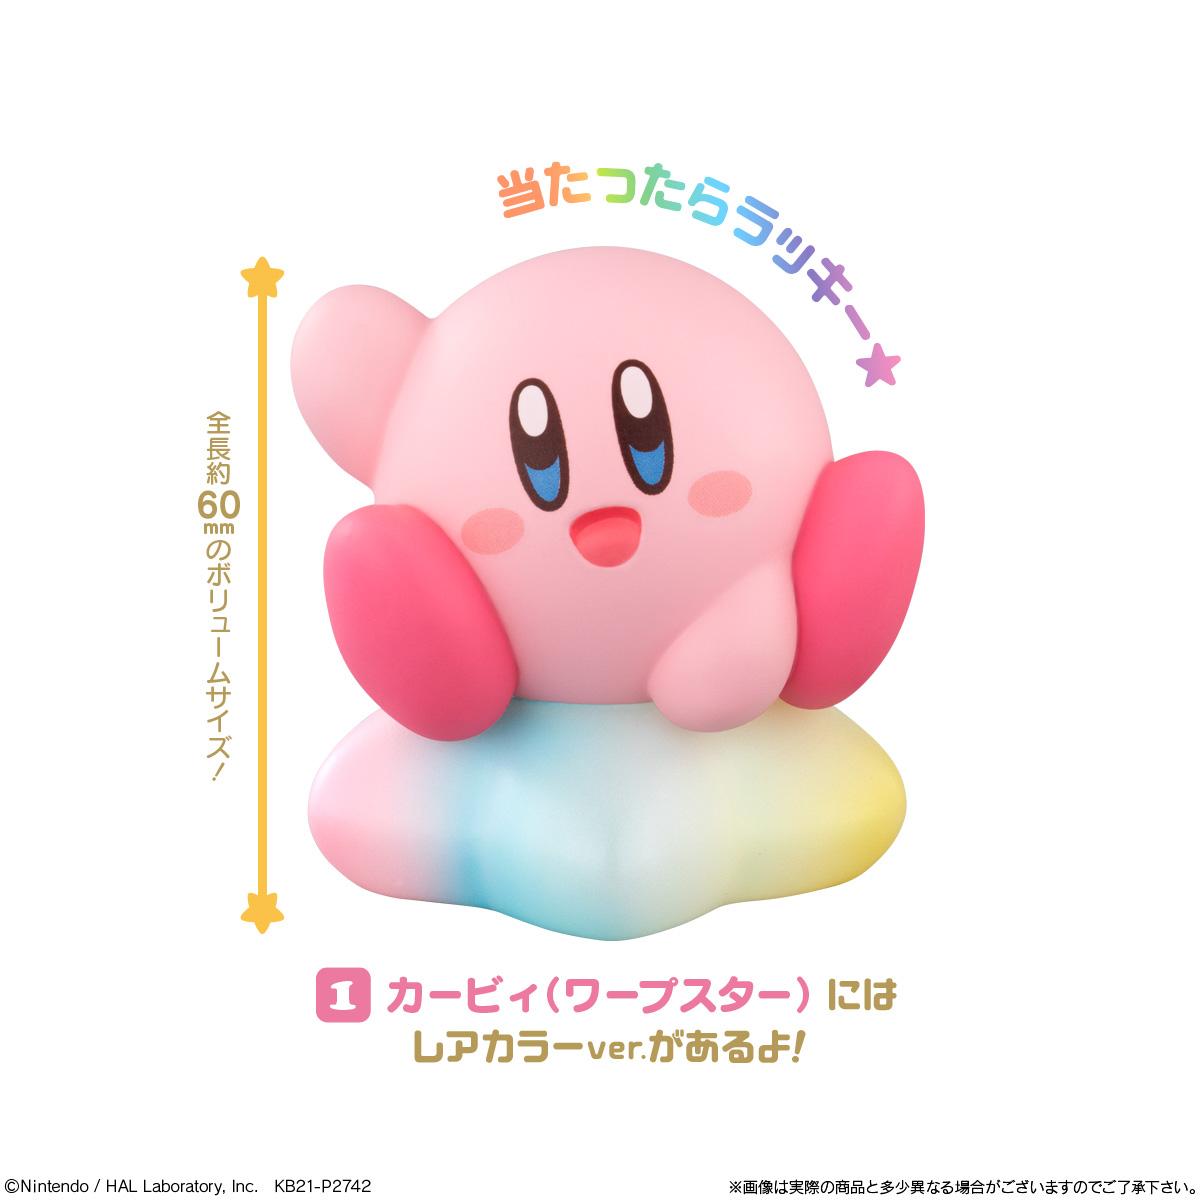 【食玩】星のカービィ『星のカービィ Kirby Friends(カービィフレンズ)』12個入りBOX-006